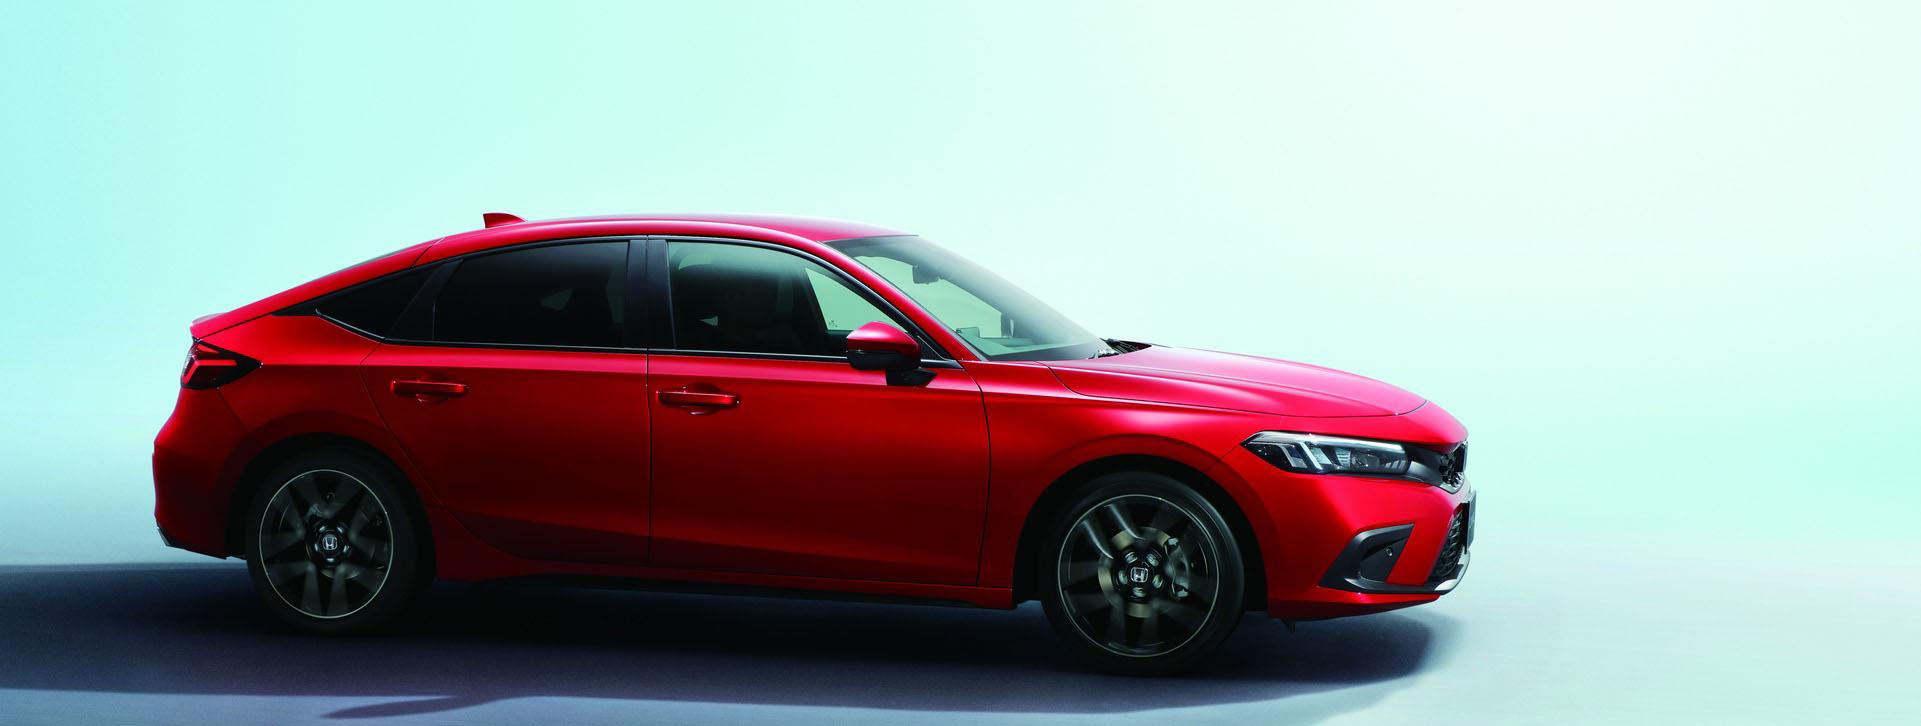 Profil samochodu Honda Civic hatchback